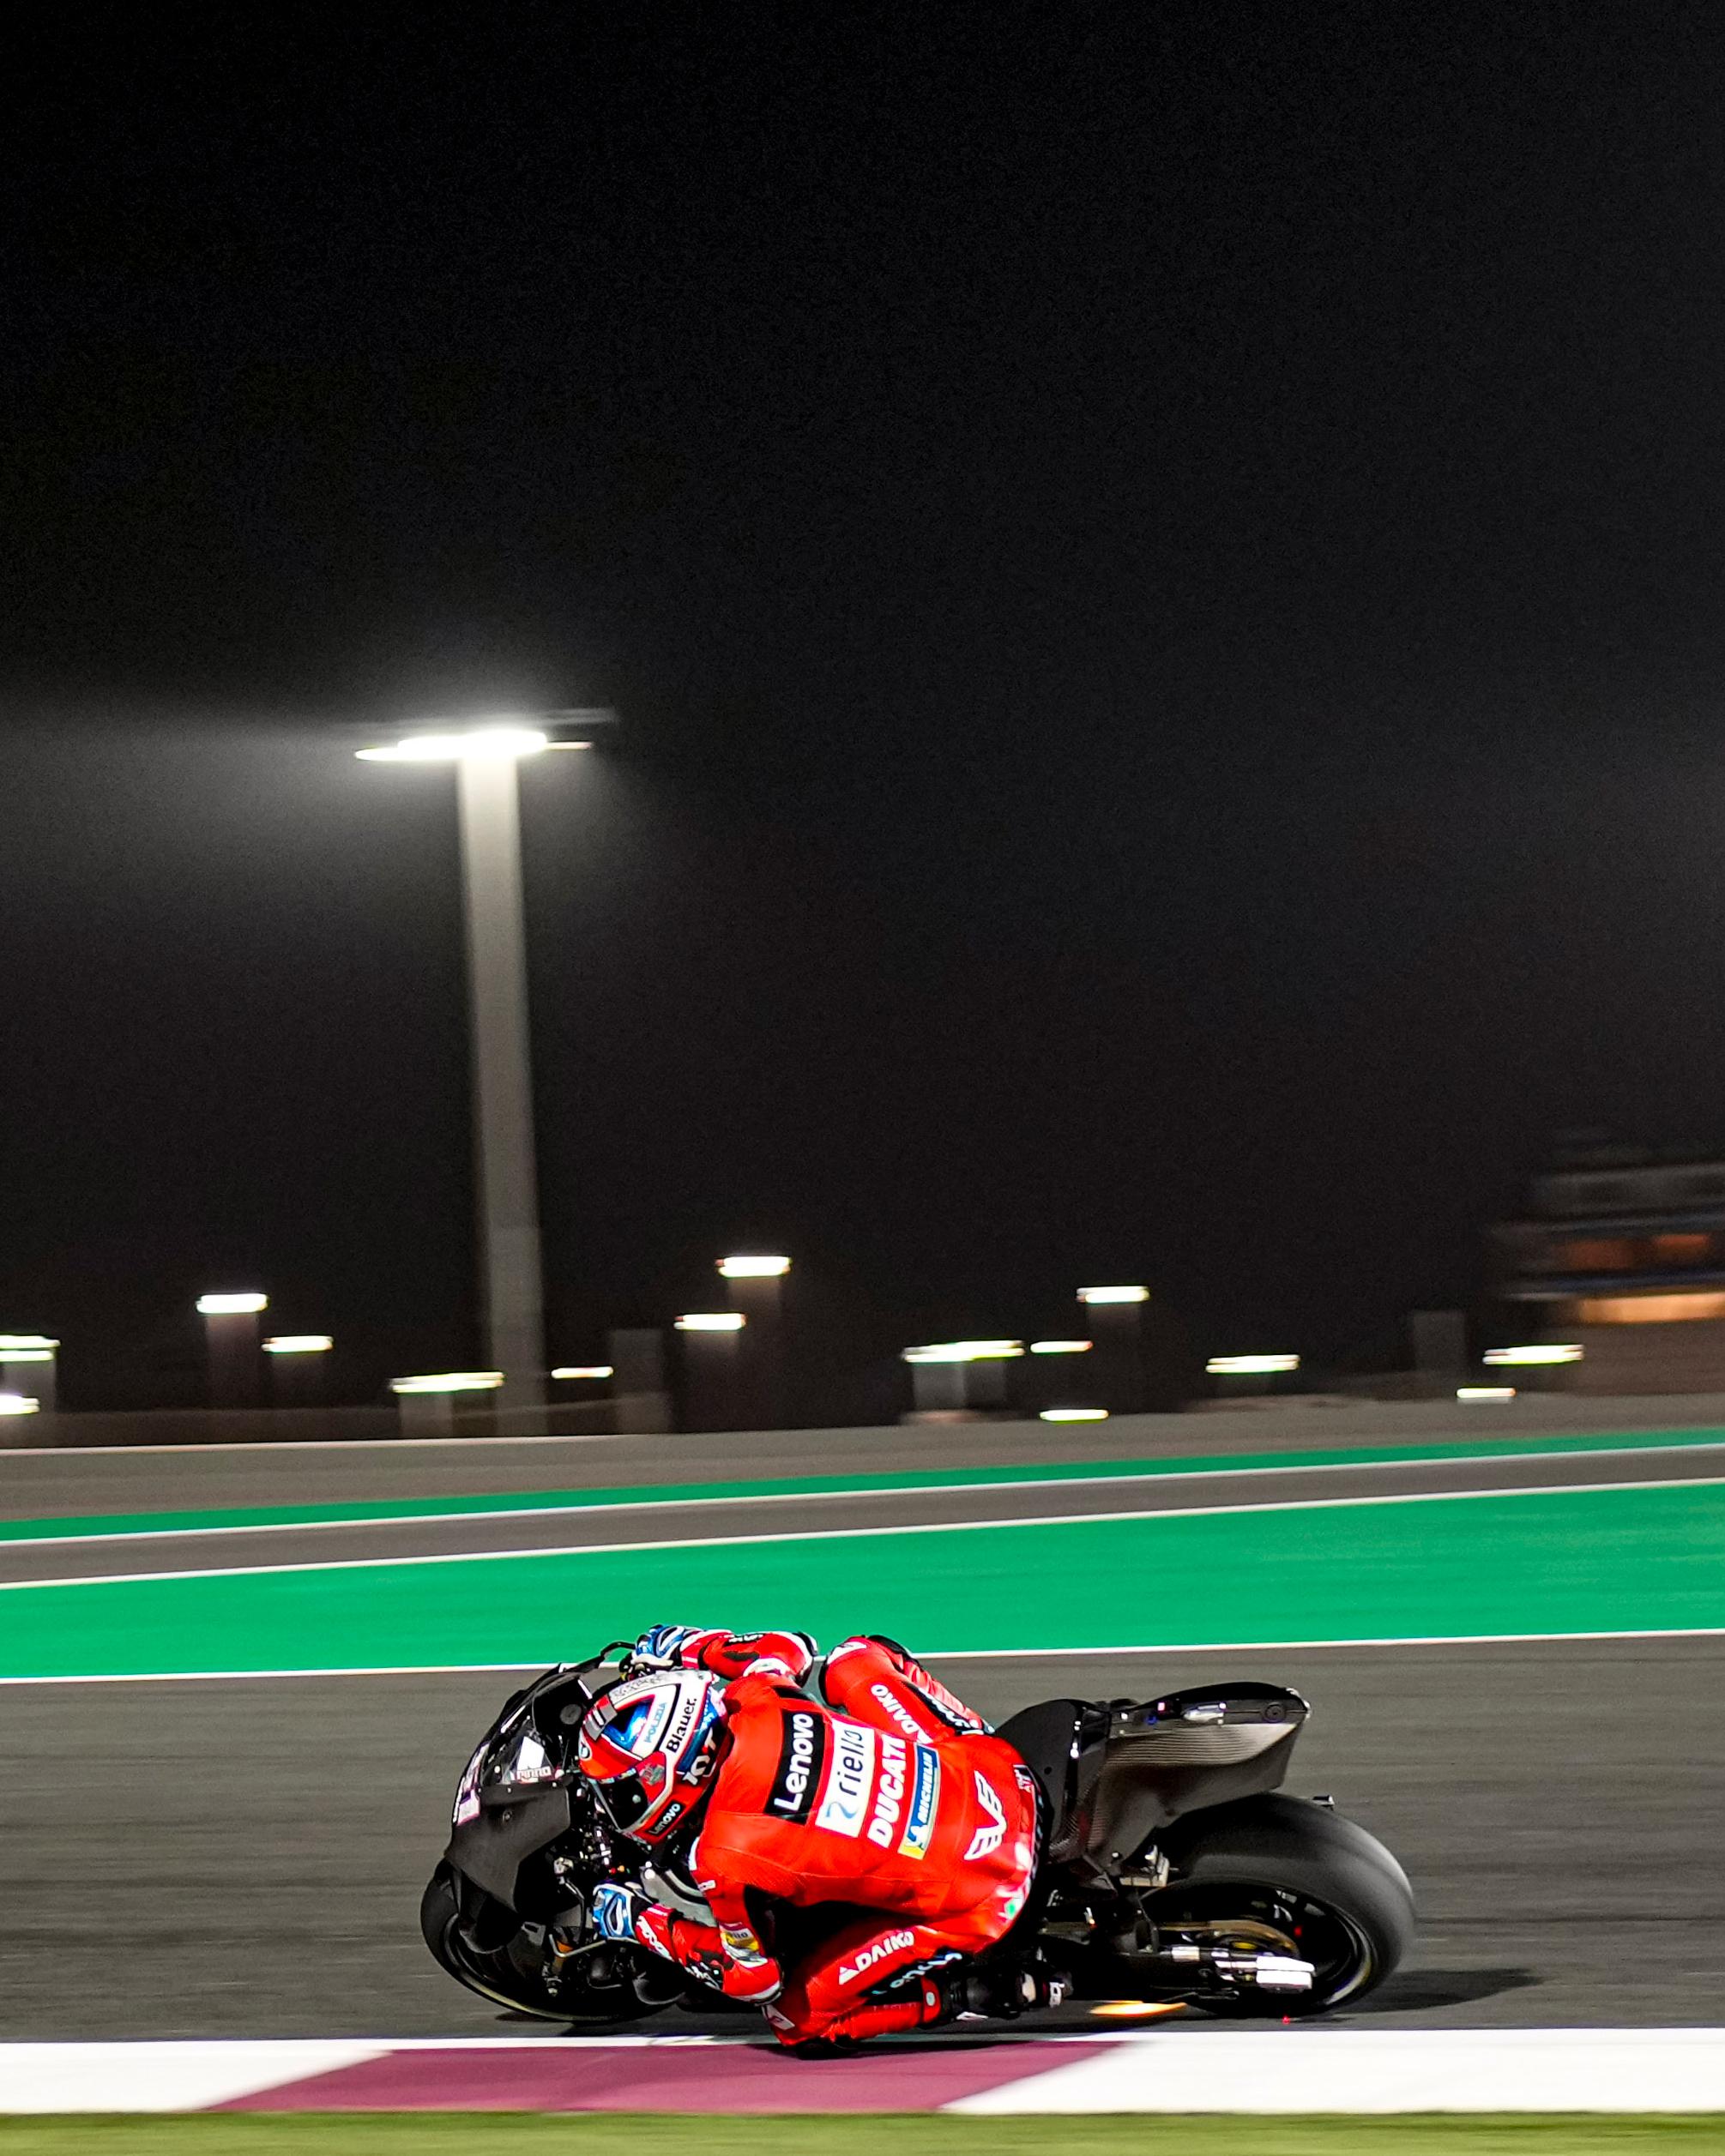 Moto GP 2021 - Page 2 EvvmlI6XcAg5ZbM?format=jpg&name=4096x4096